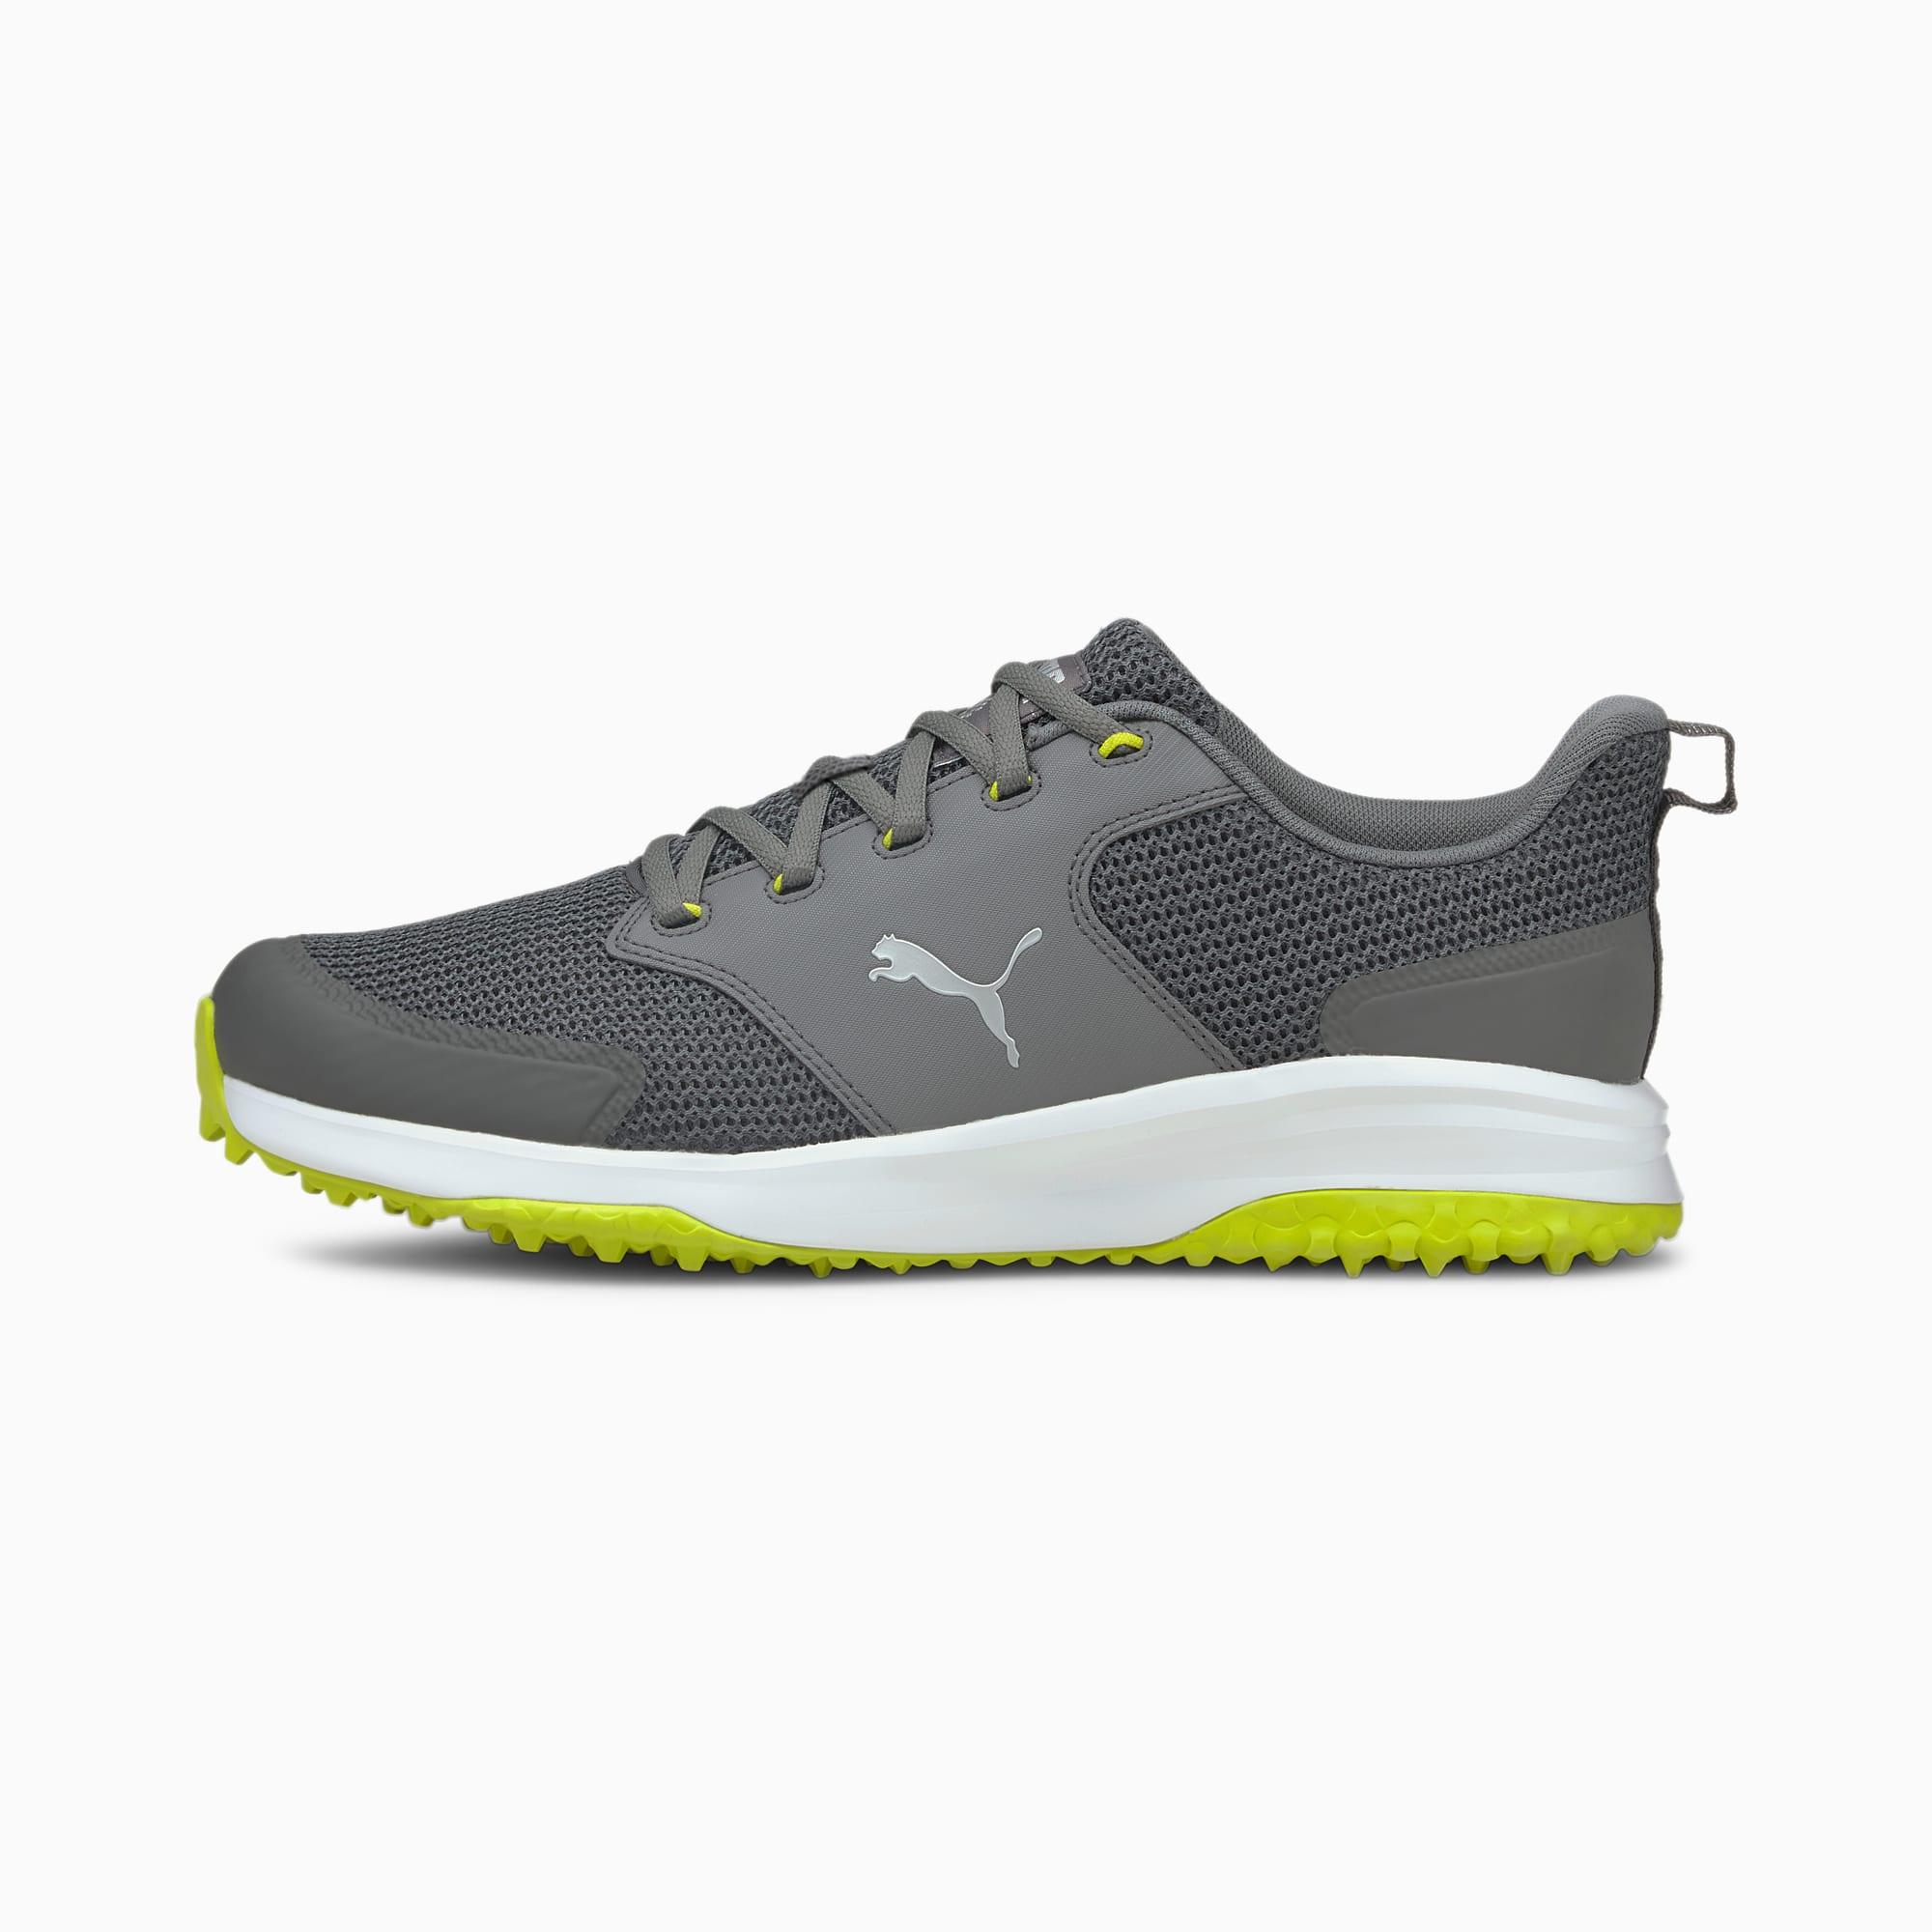 Chaussures de golf Grip Fusion Sport 3.0 homme